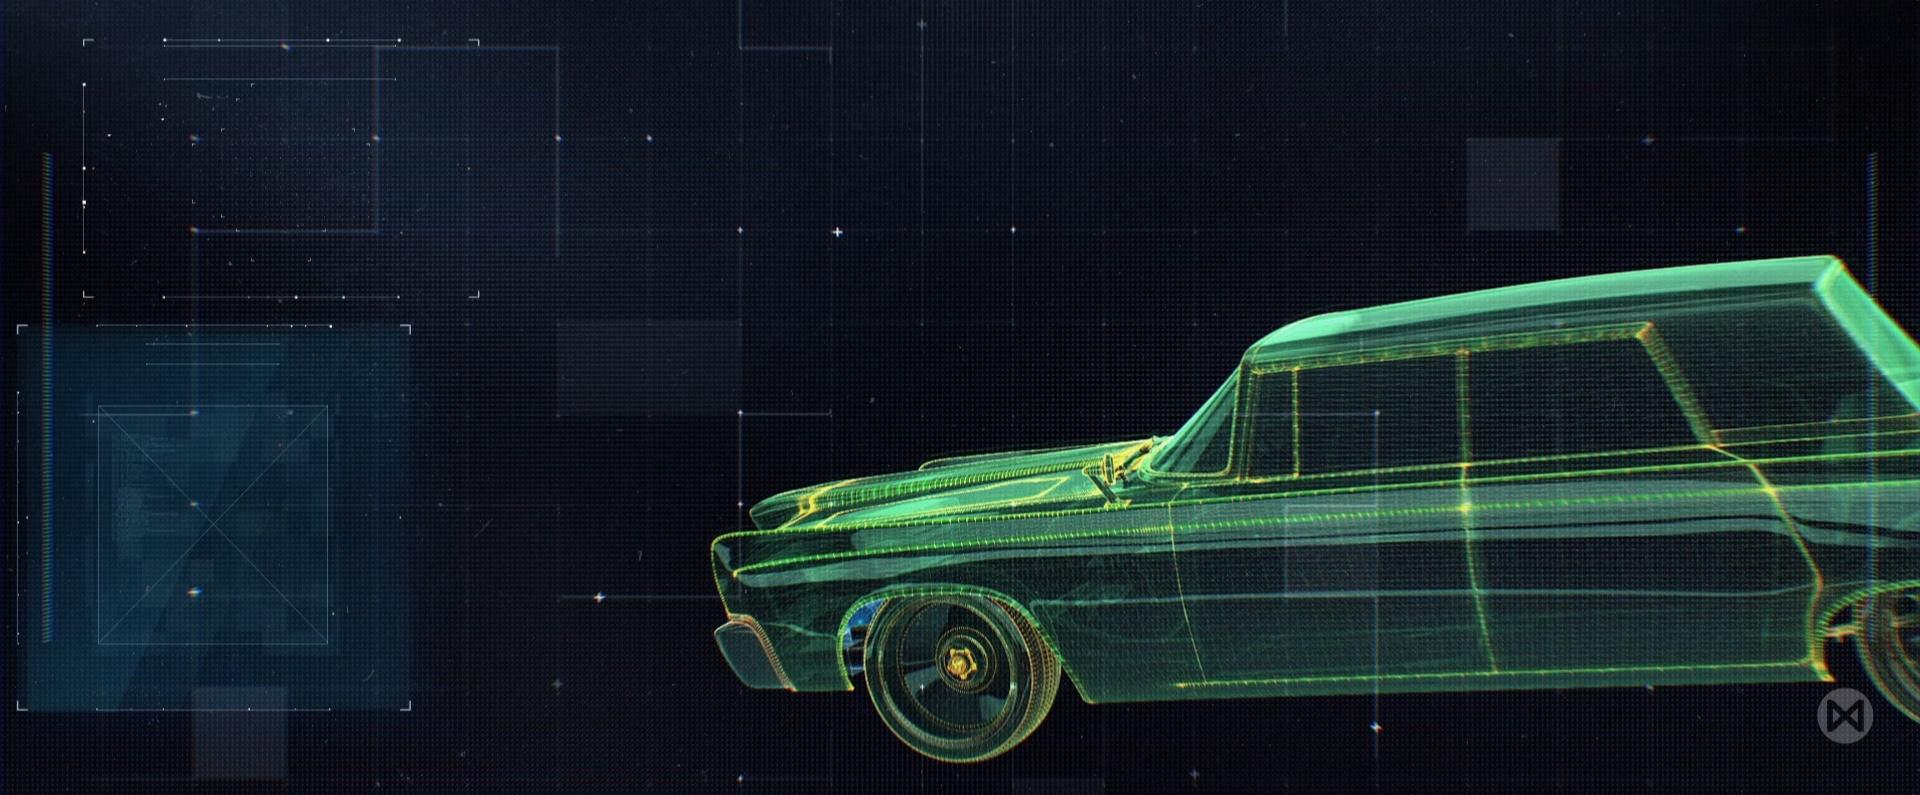 Zai-Ortiz_Green Hornet-8.jpg